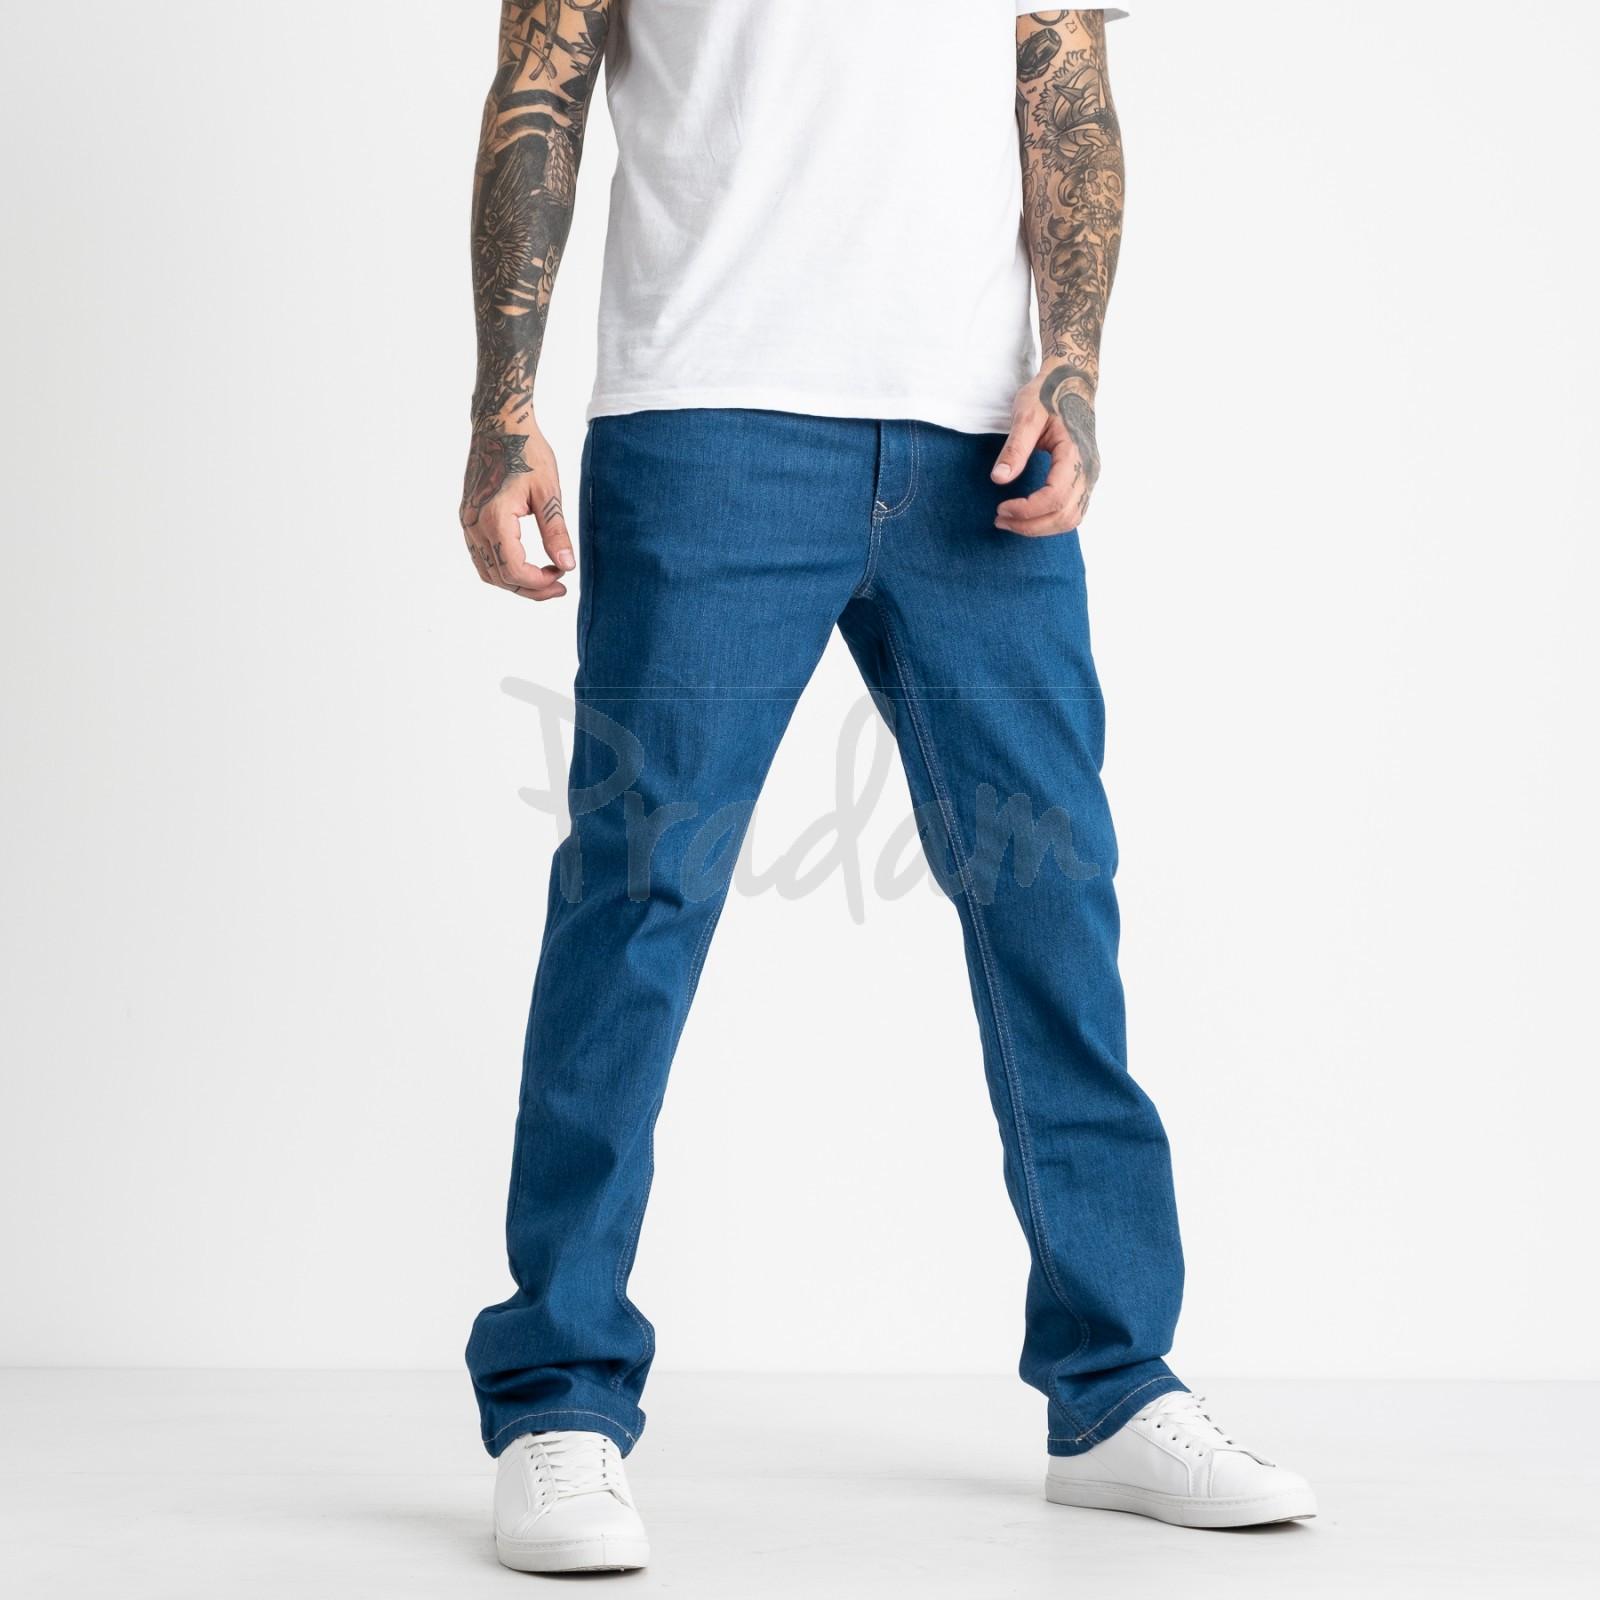 1933 Nescoly джинсы мужские синие стрейчевые (8 ед. размеры: 30.32.34/2.36/2.38.40)